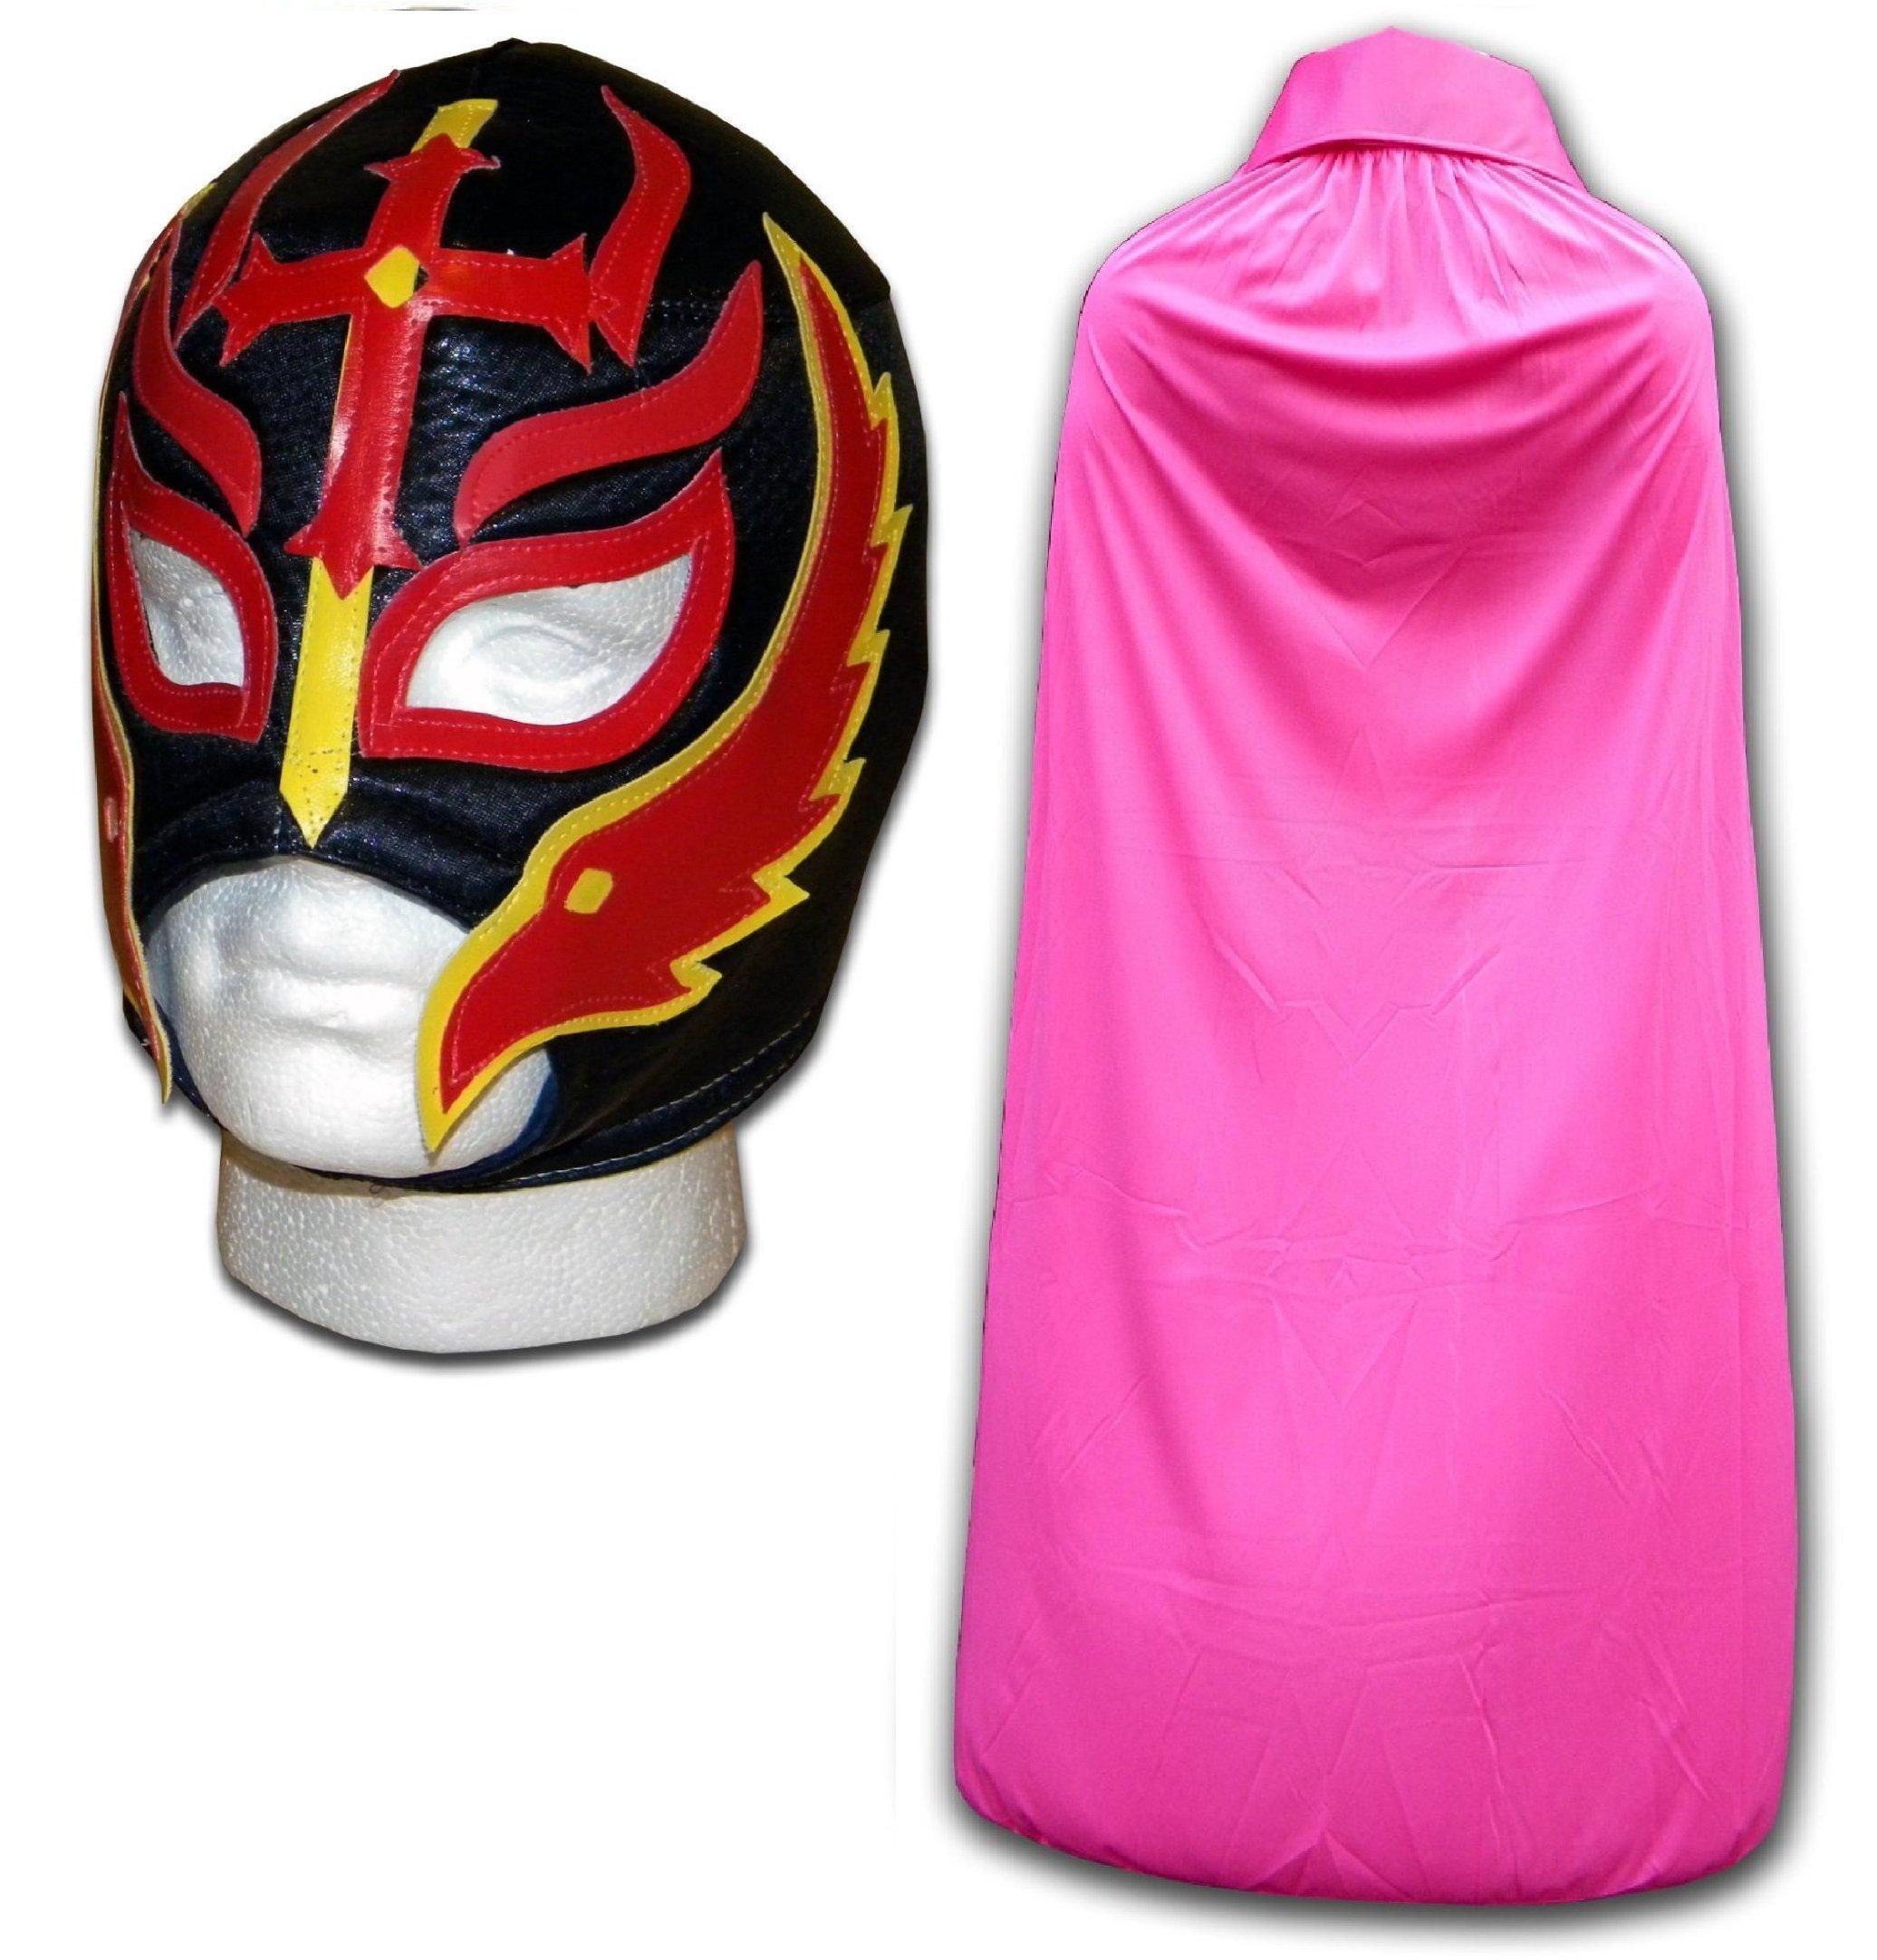 WRESTLING MASKS UK Men's Son Of The Devil Mask With Cape Luchador Wrestling Set One Size Black/ Pink by Wrestling